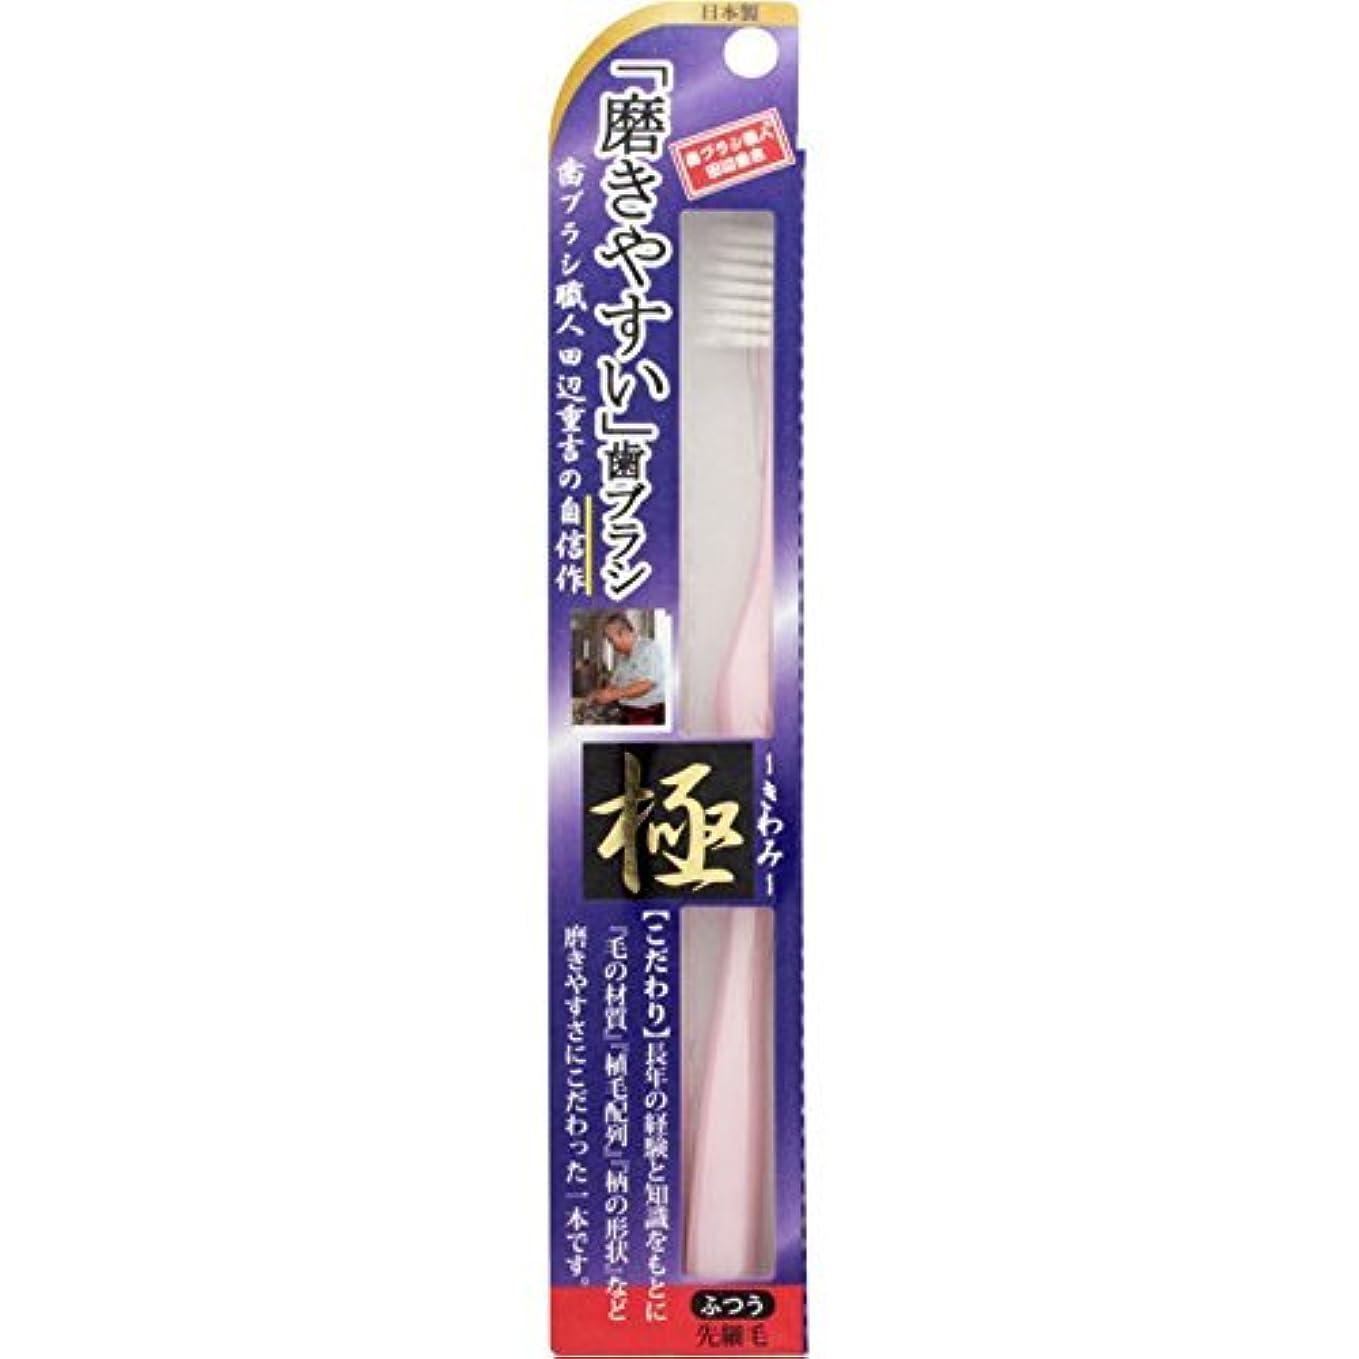 汚れる観察隣接【まとめ買い】磨きやすい歯ブラシ 極 LT-22 ×15個